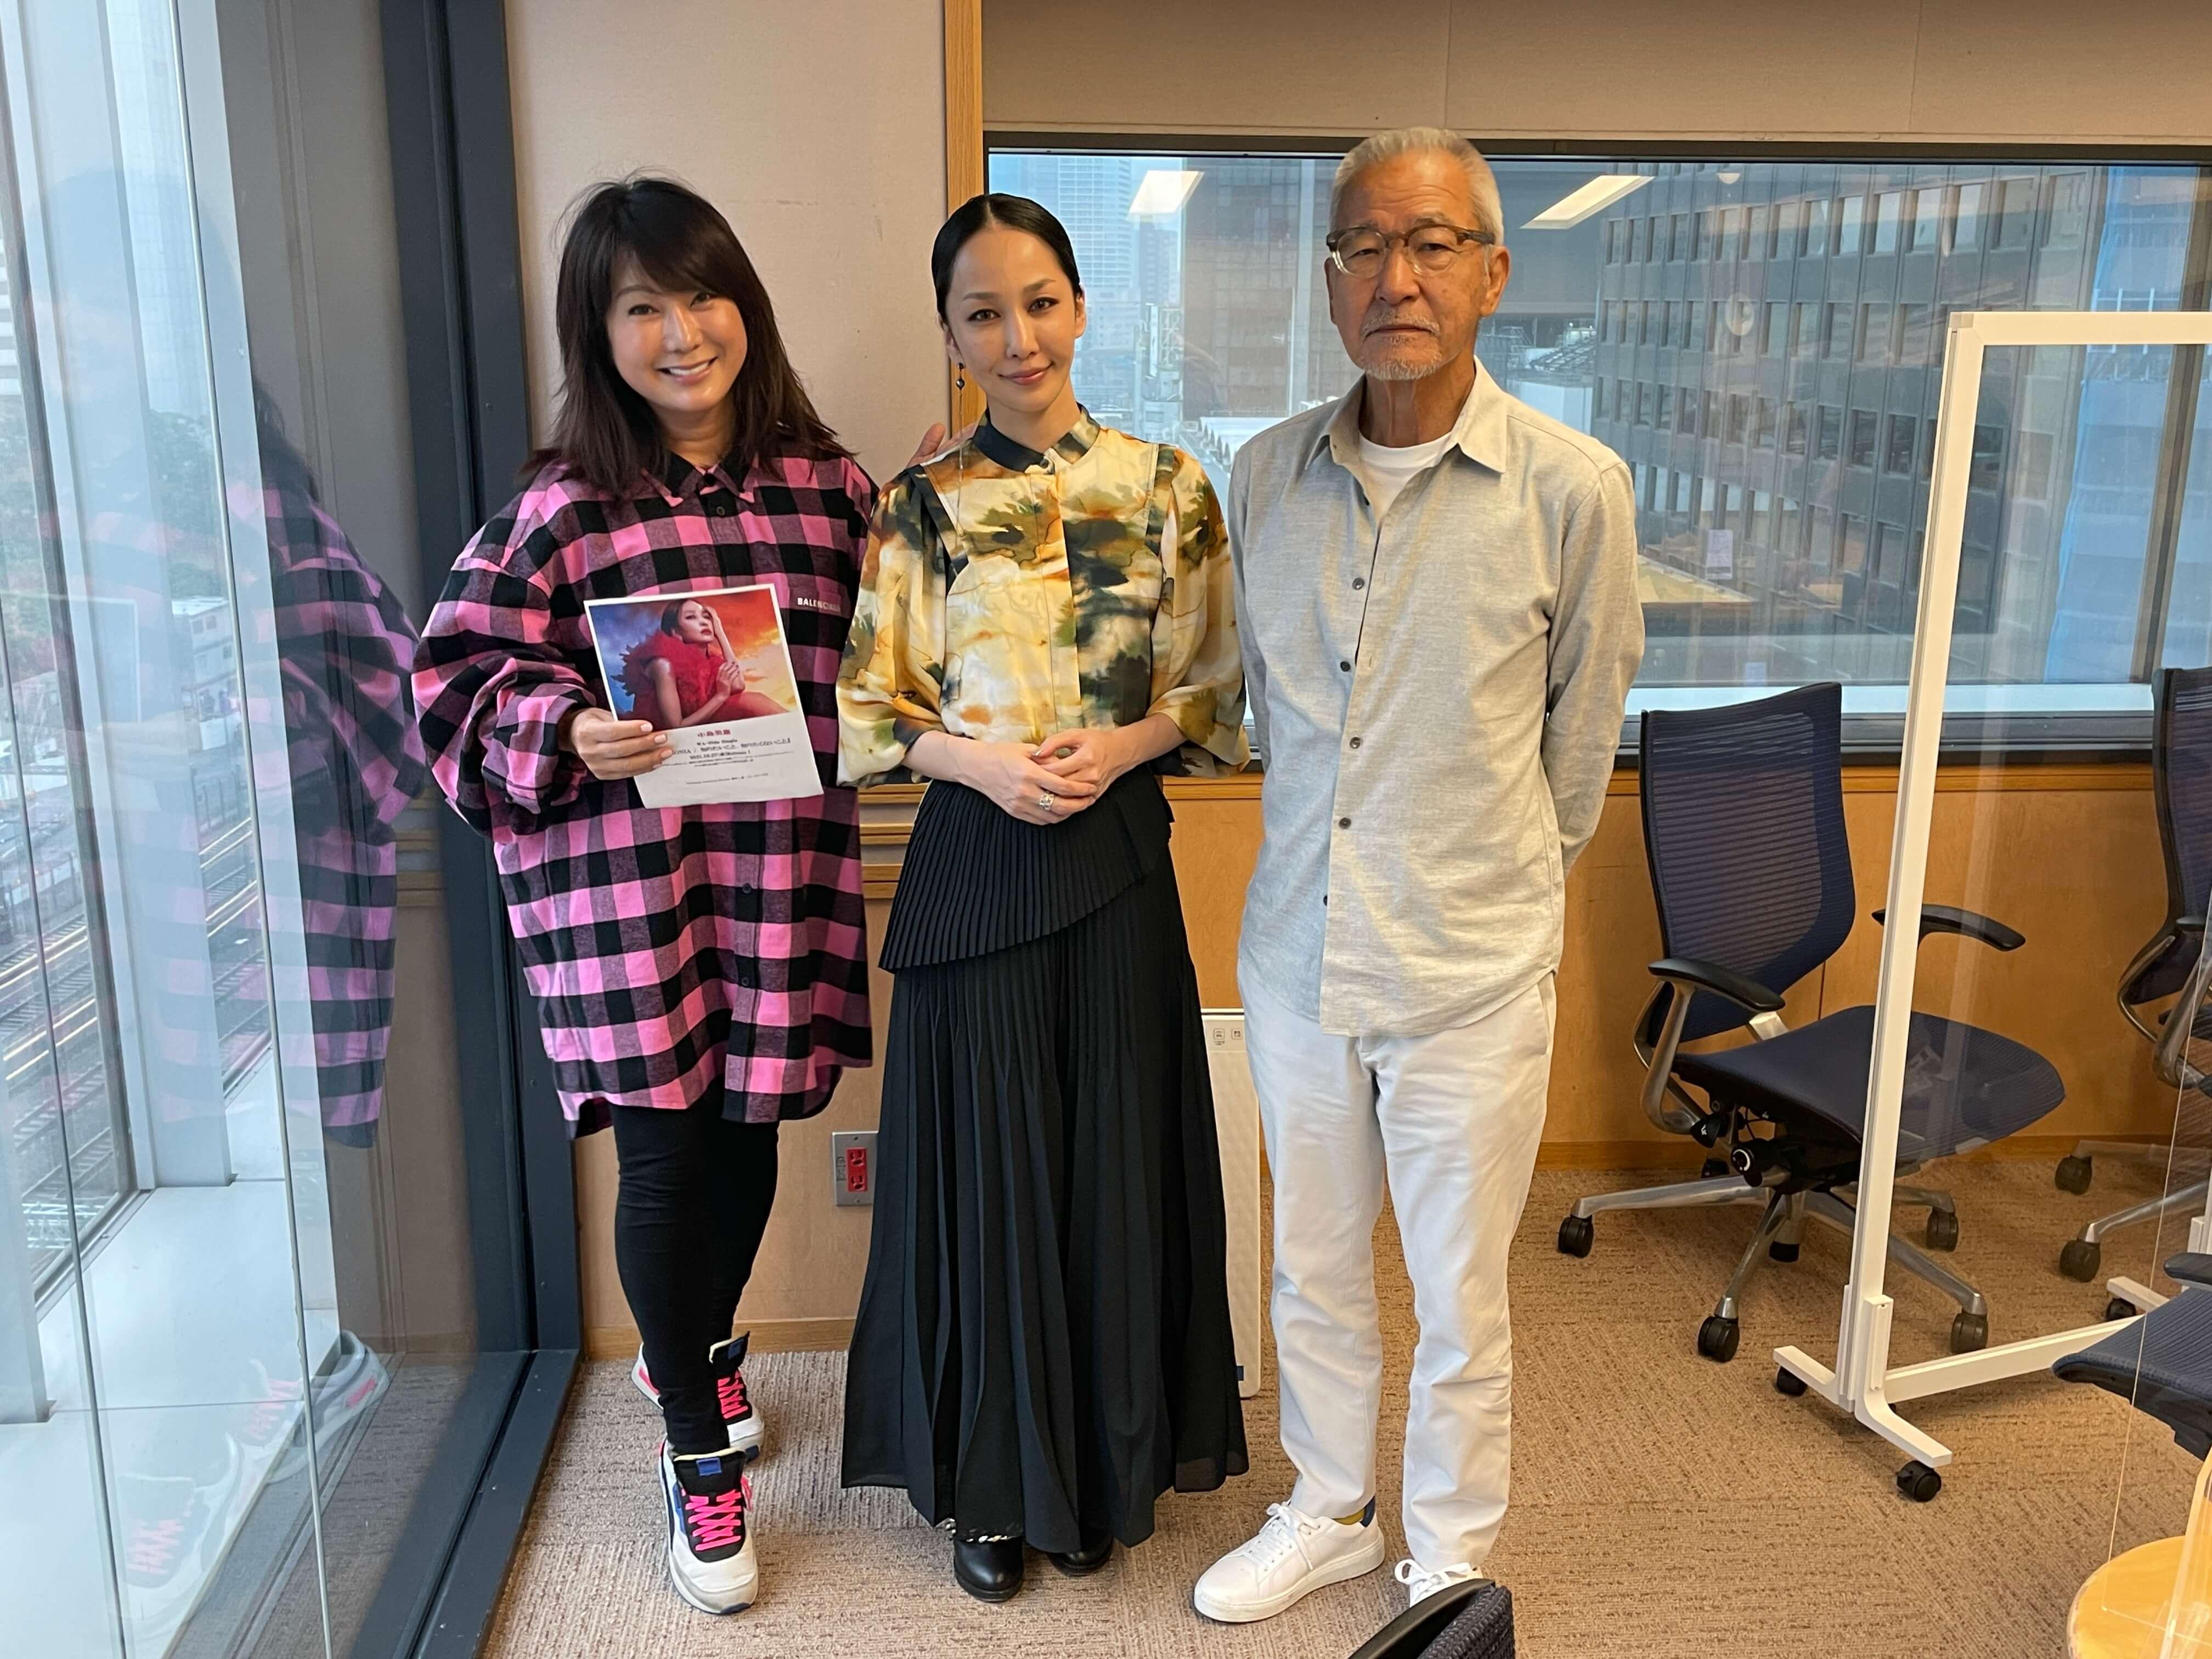 サバの味噌煮が好きな中島美嘉、バラードも一緒に歌う中国のファンにびっくり〜10月12日「大竹まこと ゴールデンラジオ」